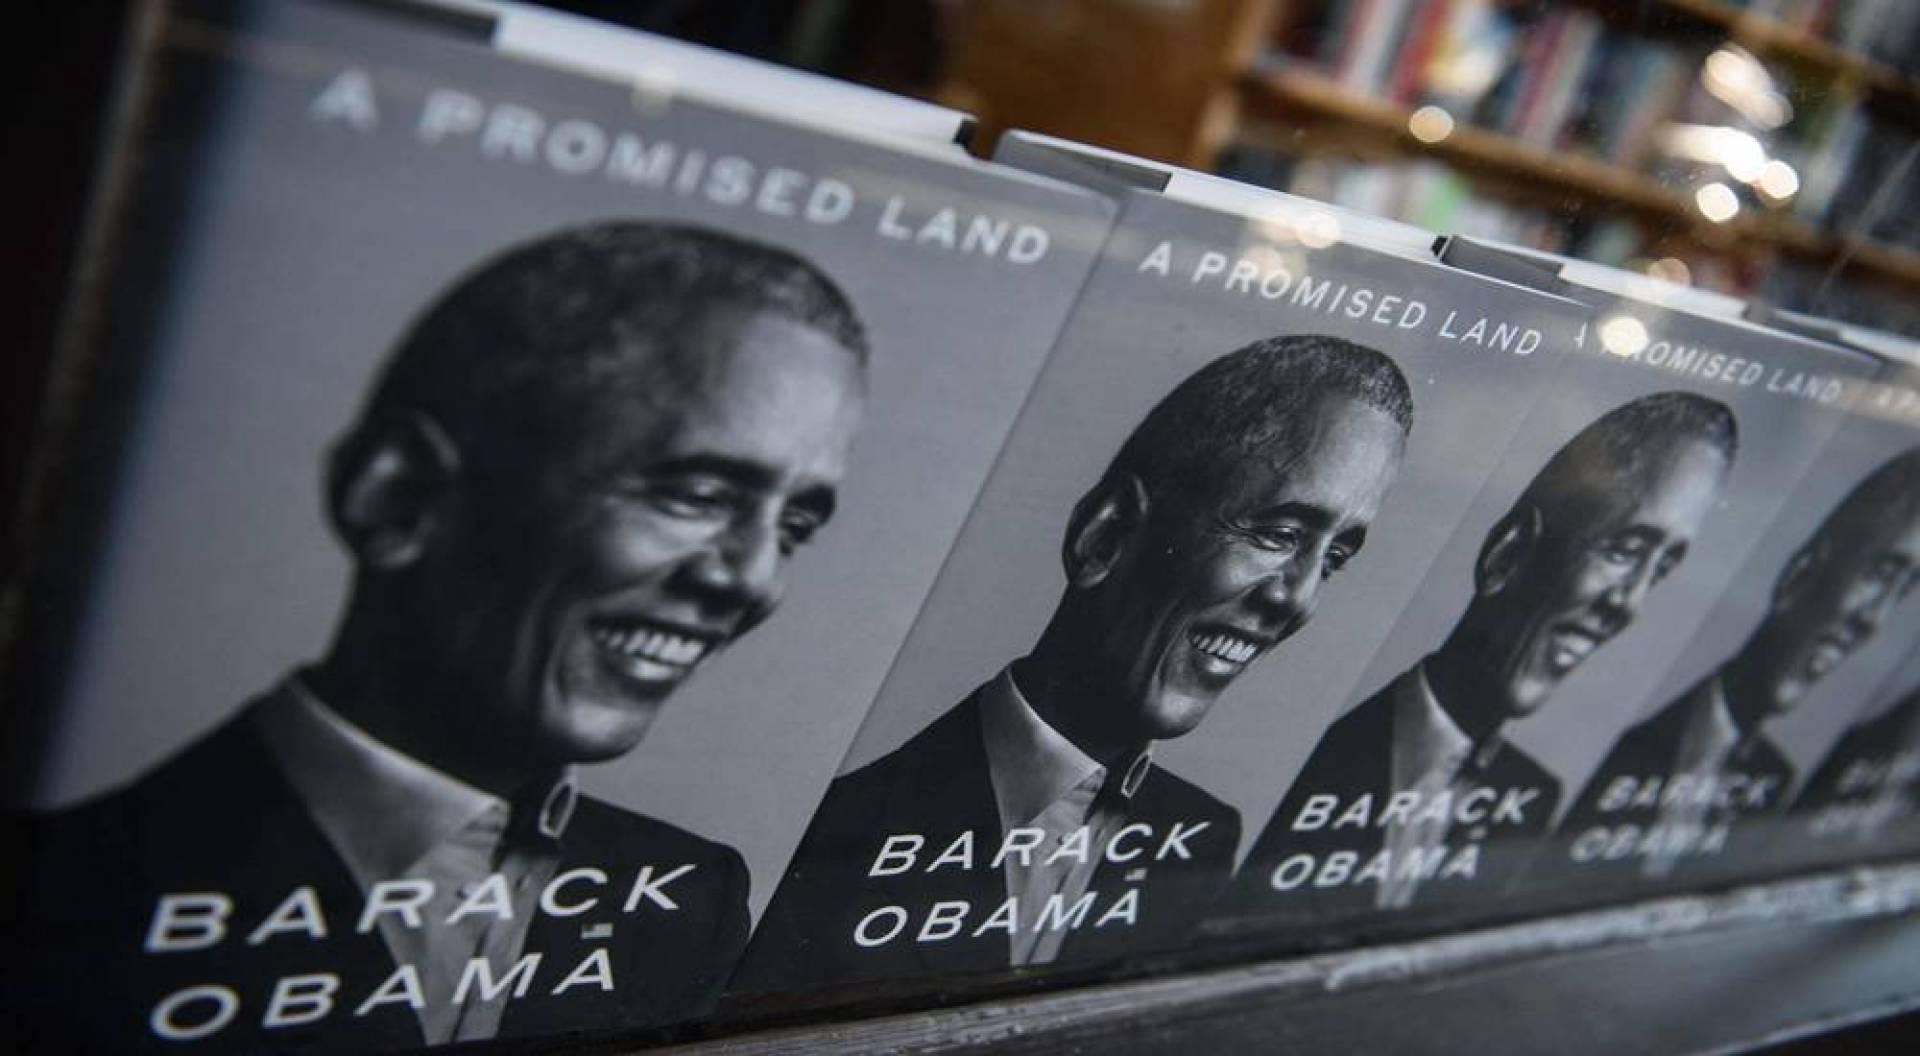 المكتبات الأميركية تتحول إلى مراكز شحن.. لتسليم مذكرات «أوباما»